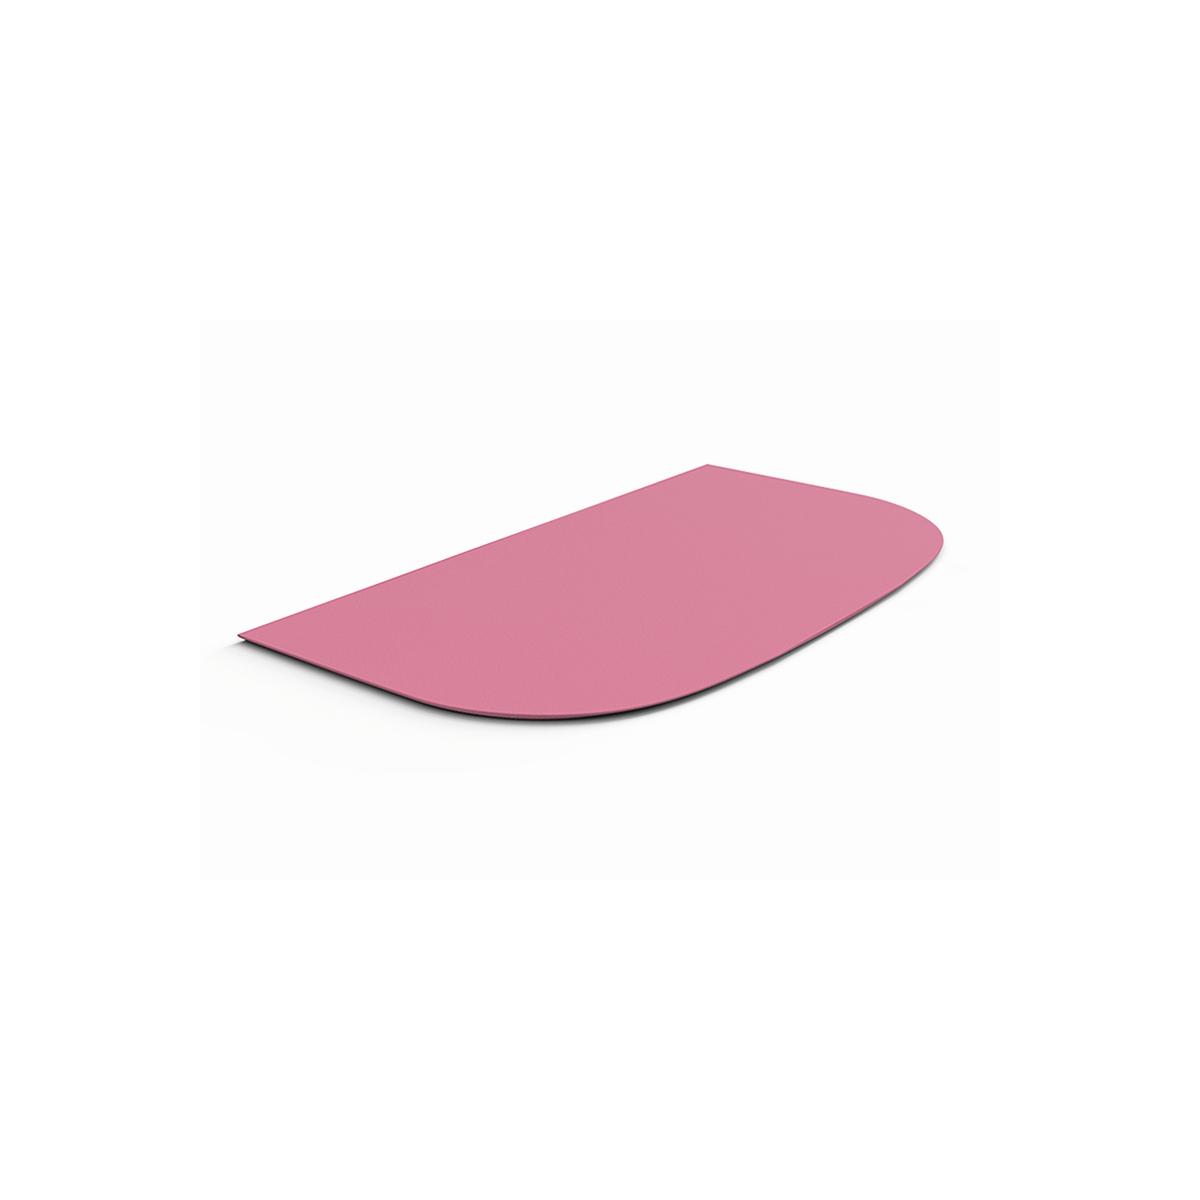 Surefeed - matje voor de microchip voerbak roze